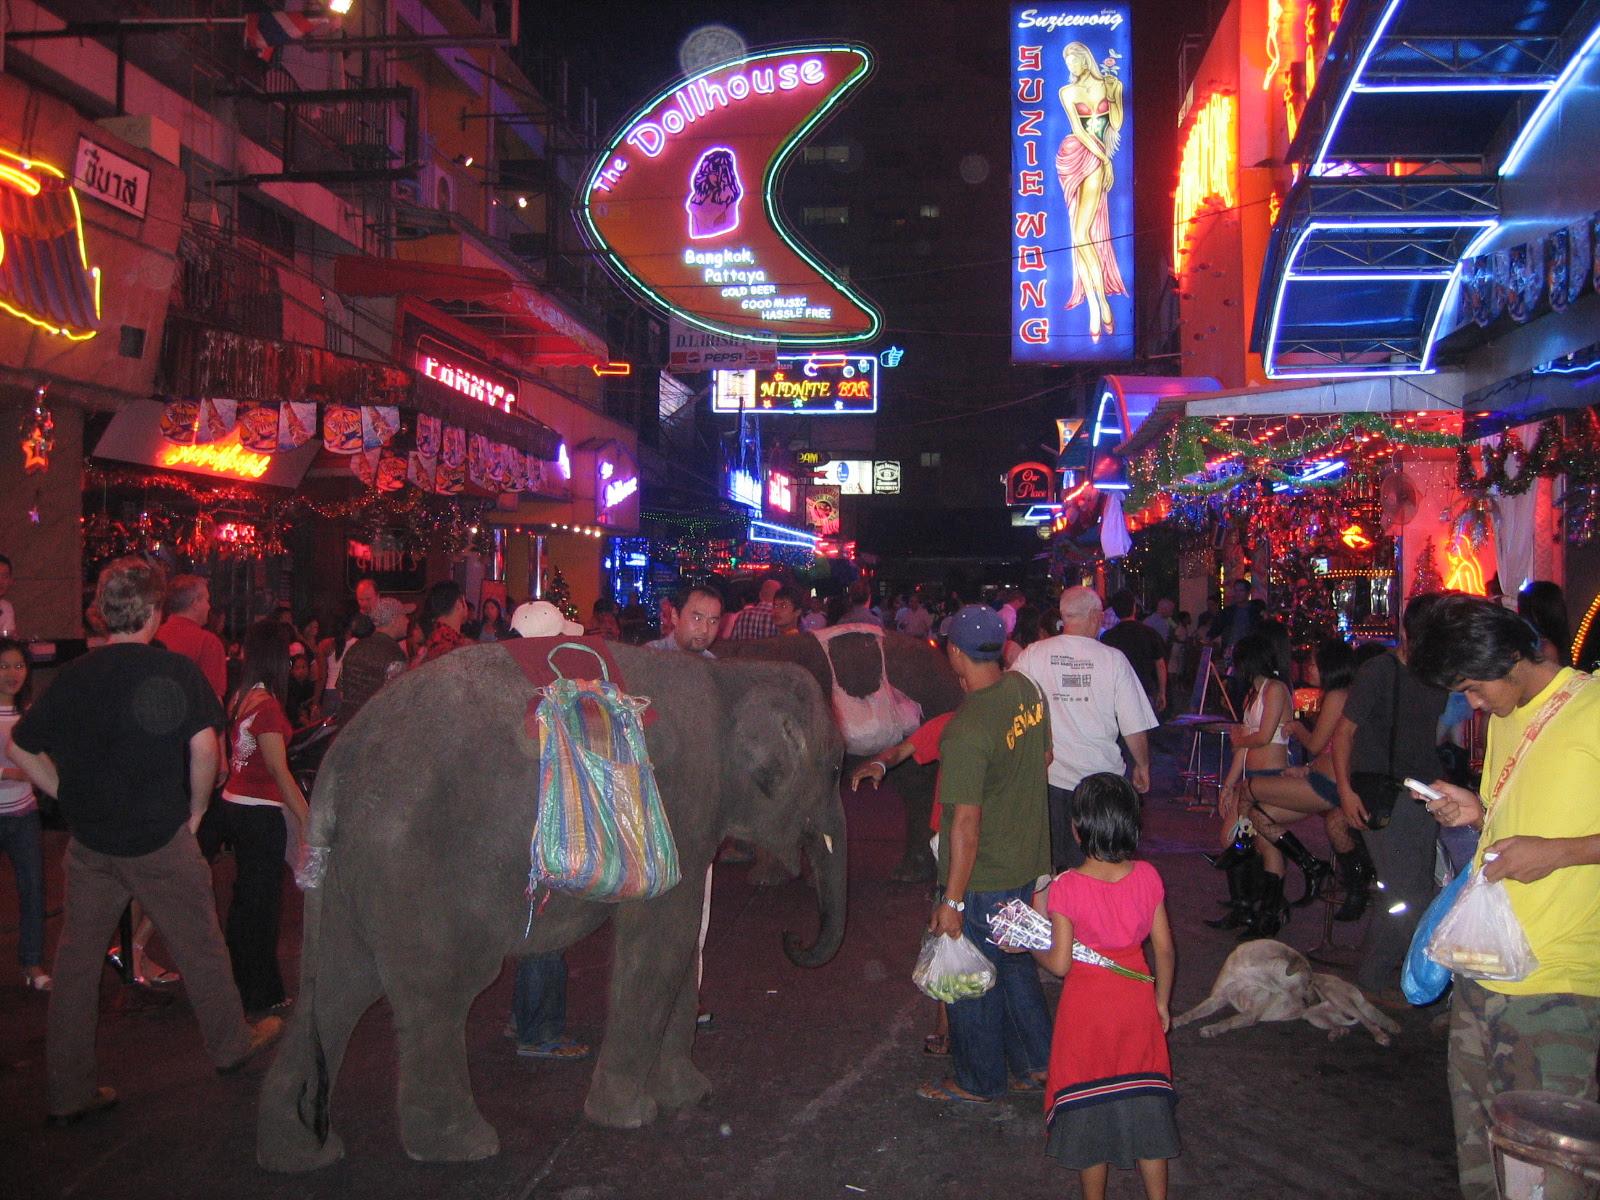 Sukhumvit Soi Nana Night Market Bangkok Location Attractions Map,Location Attractions Map of Sukhumvit Soi Nana Night Market Bangkok,Sukhumvit Soi Nana Night Market Bangkok accommodation destinations hotels map reviews photos pictures